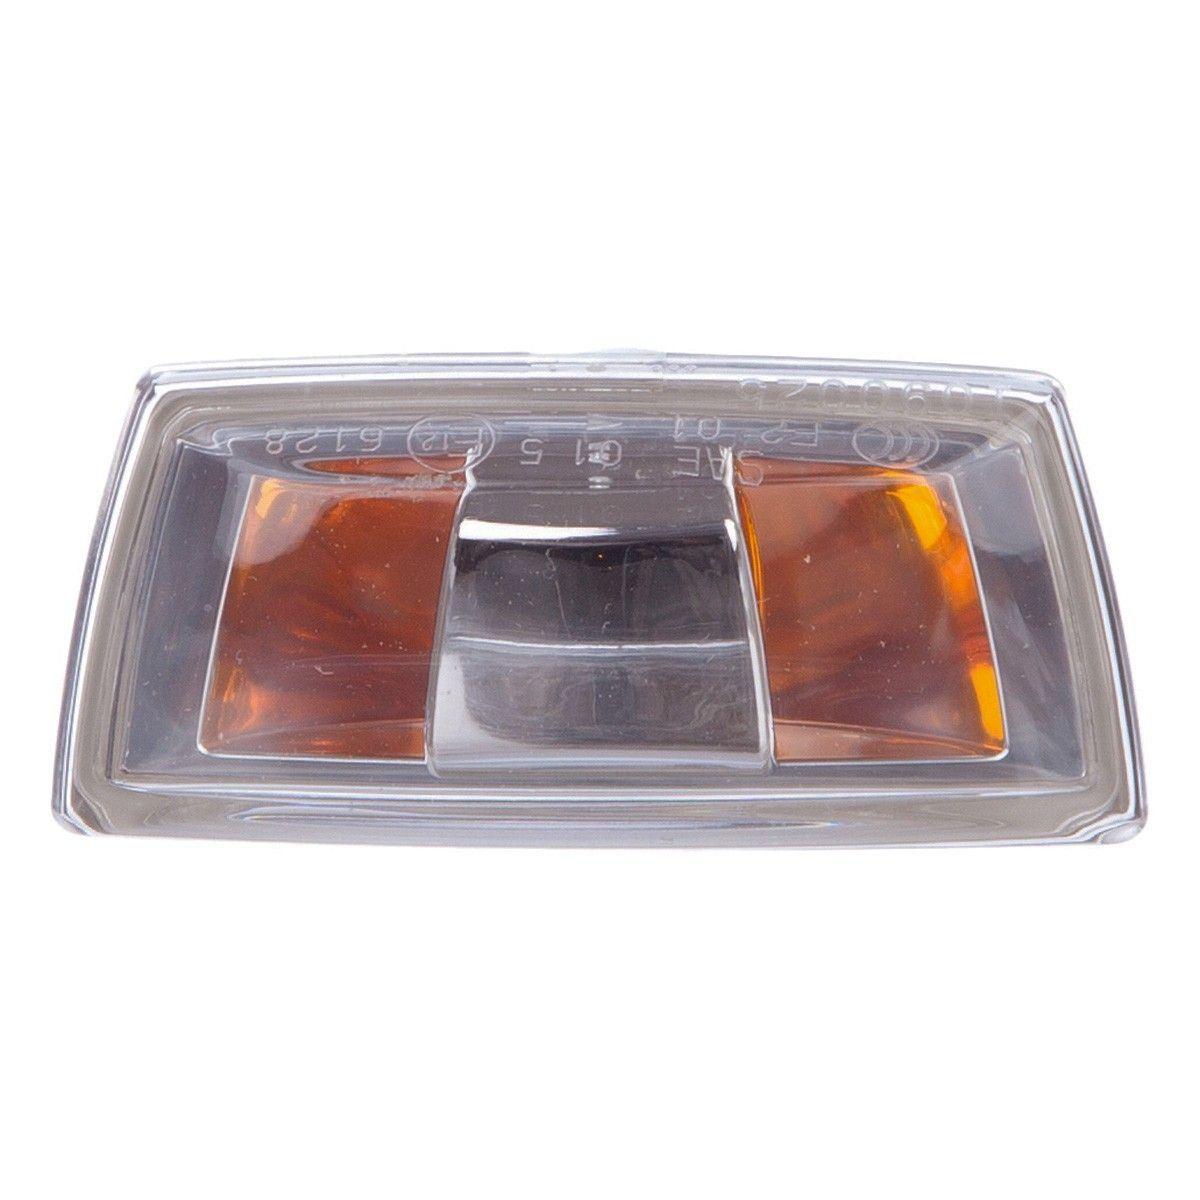 Lanterna de seta paralama lado motorista - Vectra novo 2006 a 2011